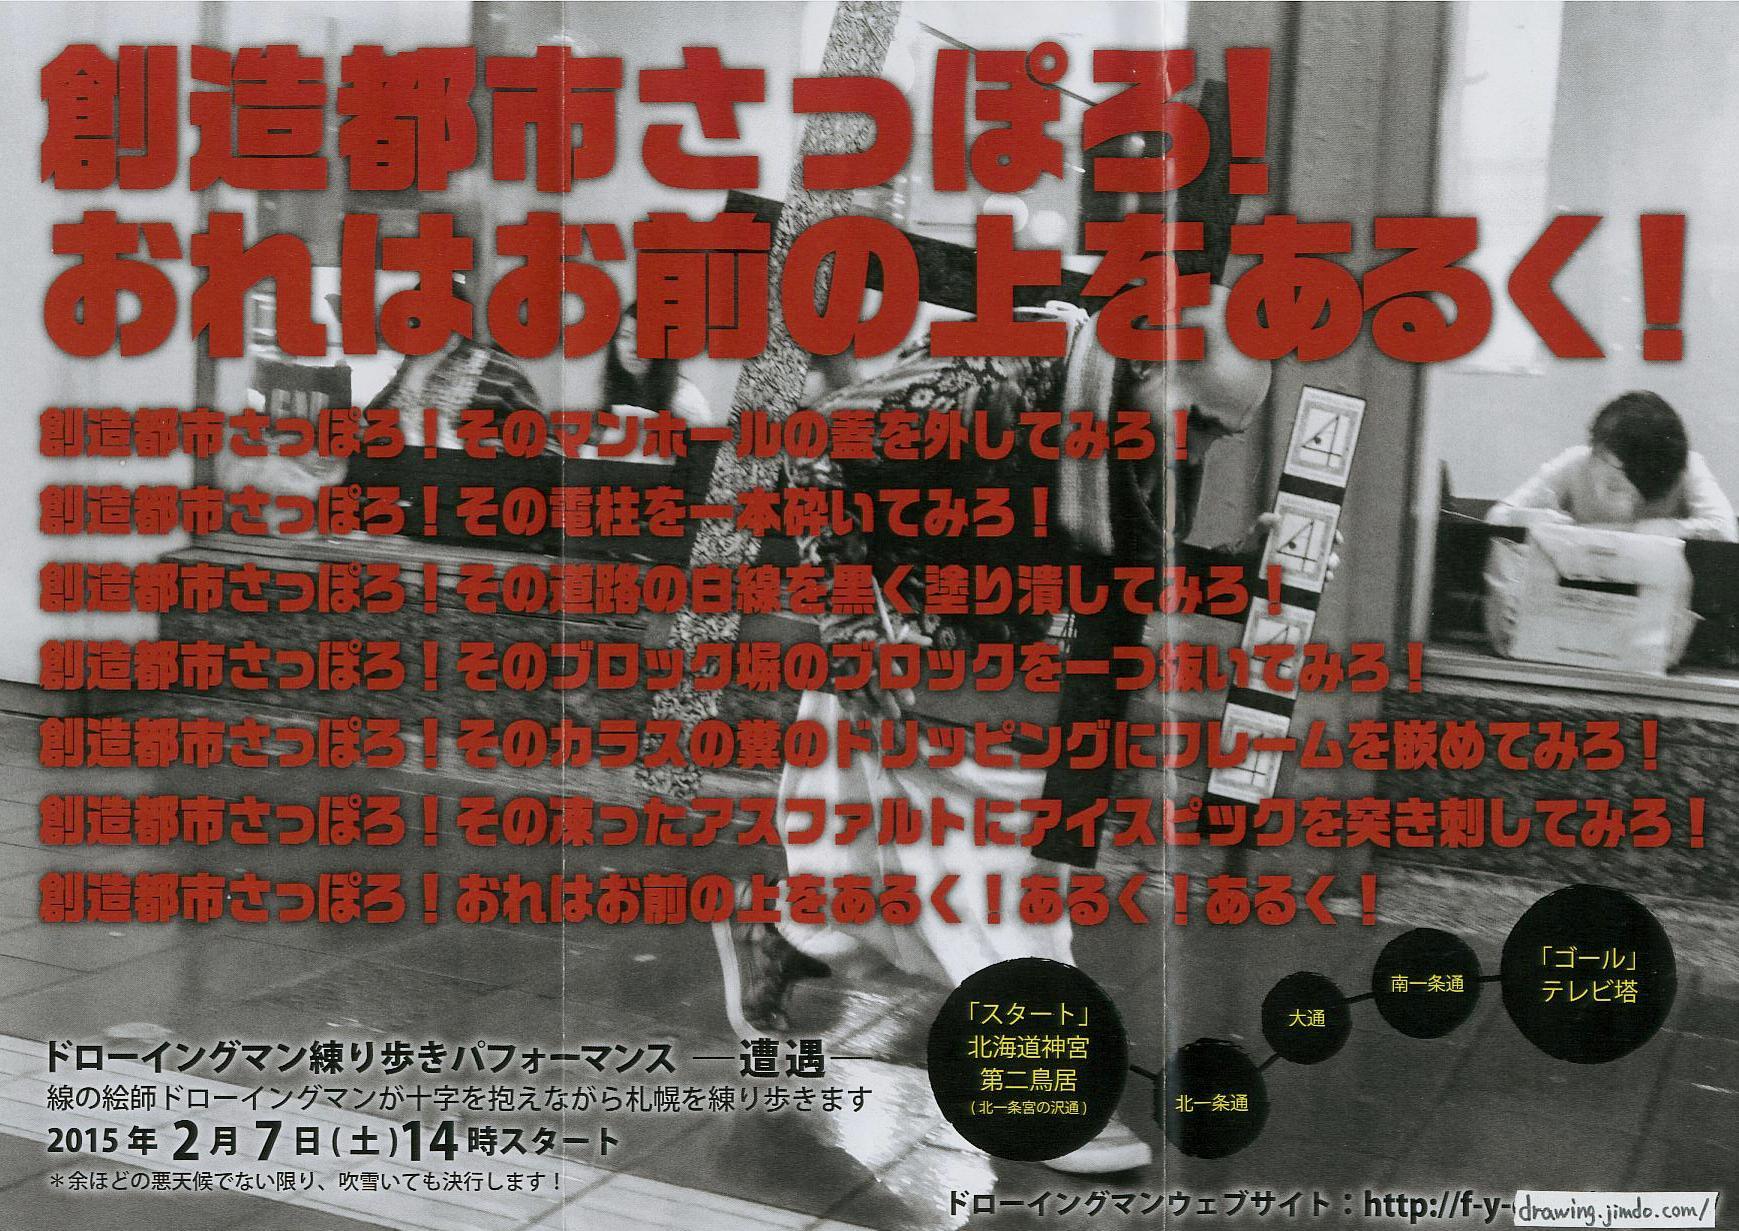 2456)「本日(2月7日・土)、午後2時からドローイング・マン(藤谷康晴)が街を歩く」_f0126829_8232724.jpg